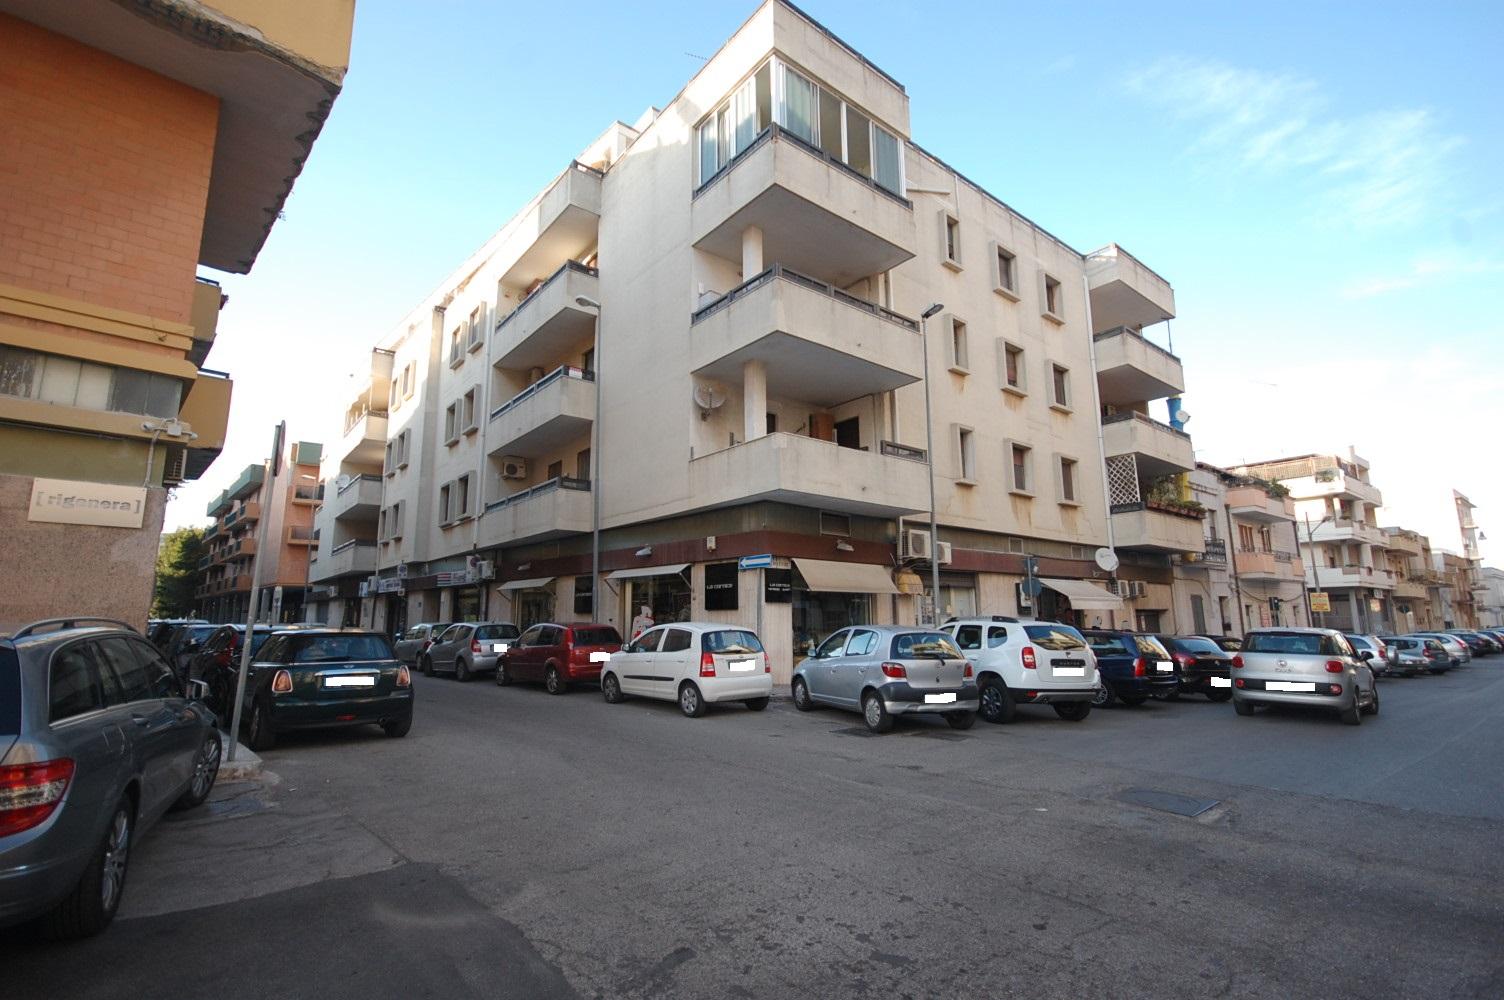 Appartamento in vendita a Brindisi, 5 locali, zona Zona: Commenda, prezzo € 135.000 | Cambio Casa.it